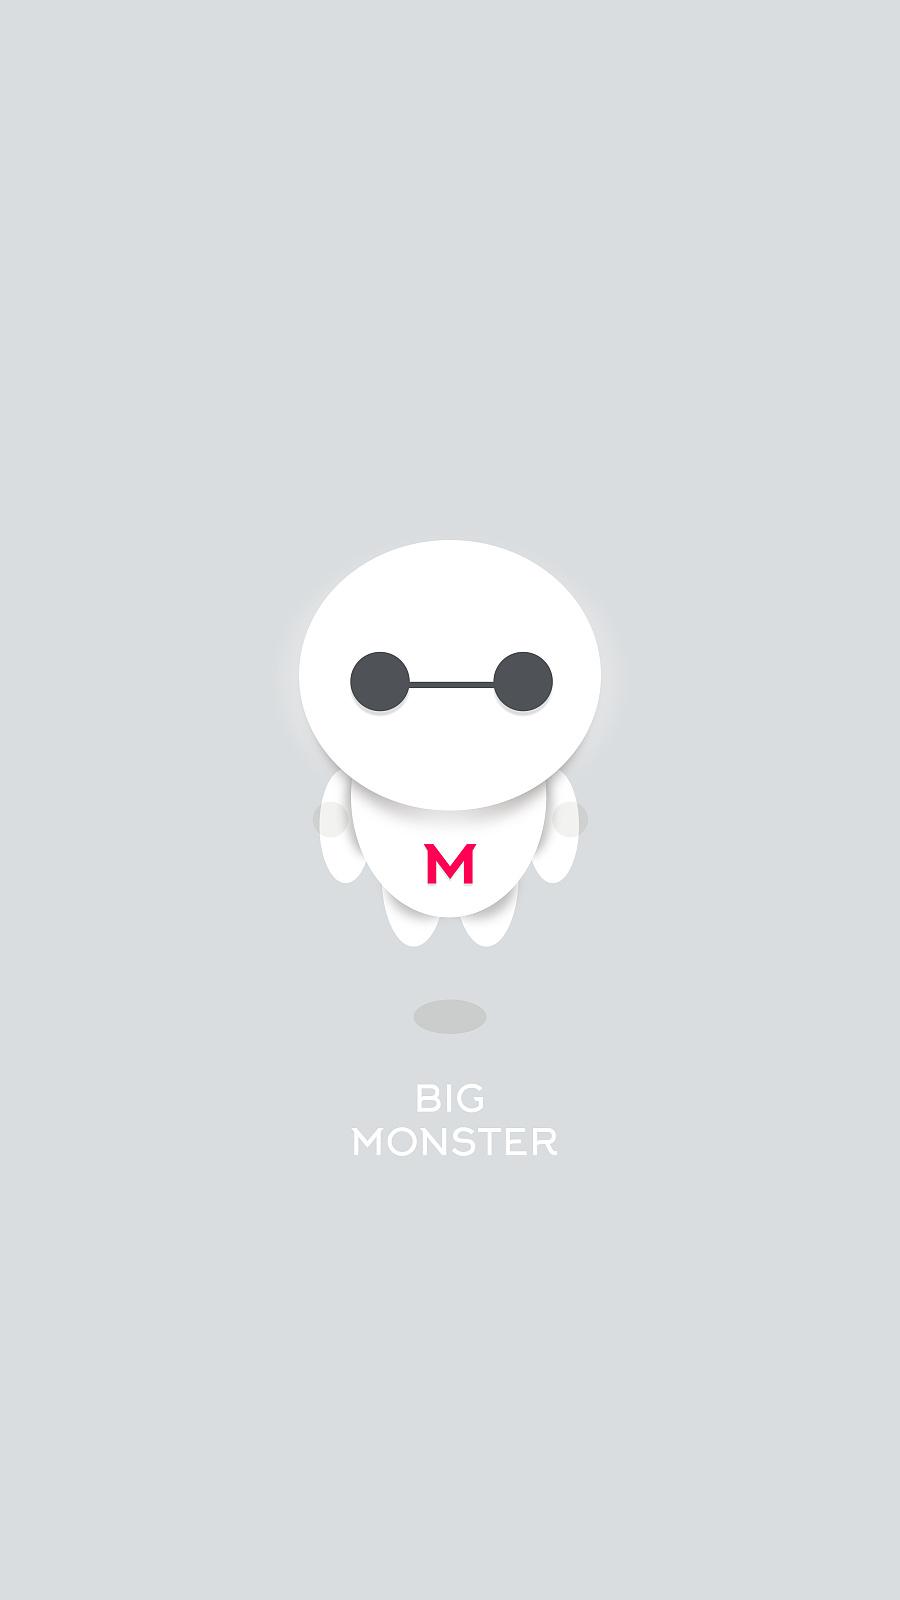 查看《Big Monster》原图,原图尺寸:2587x4600